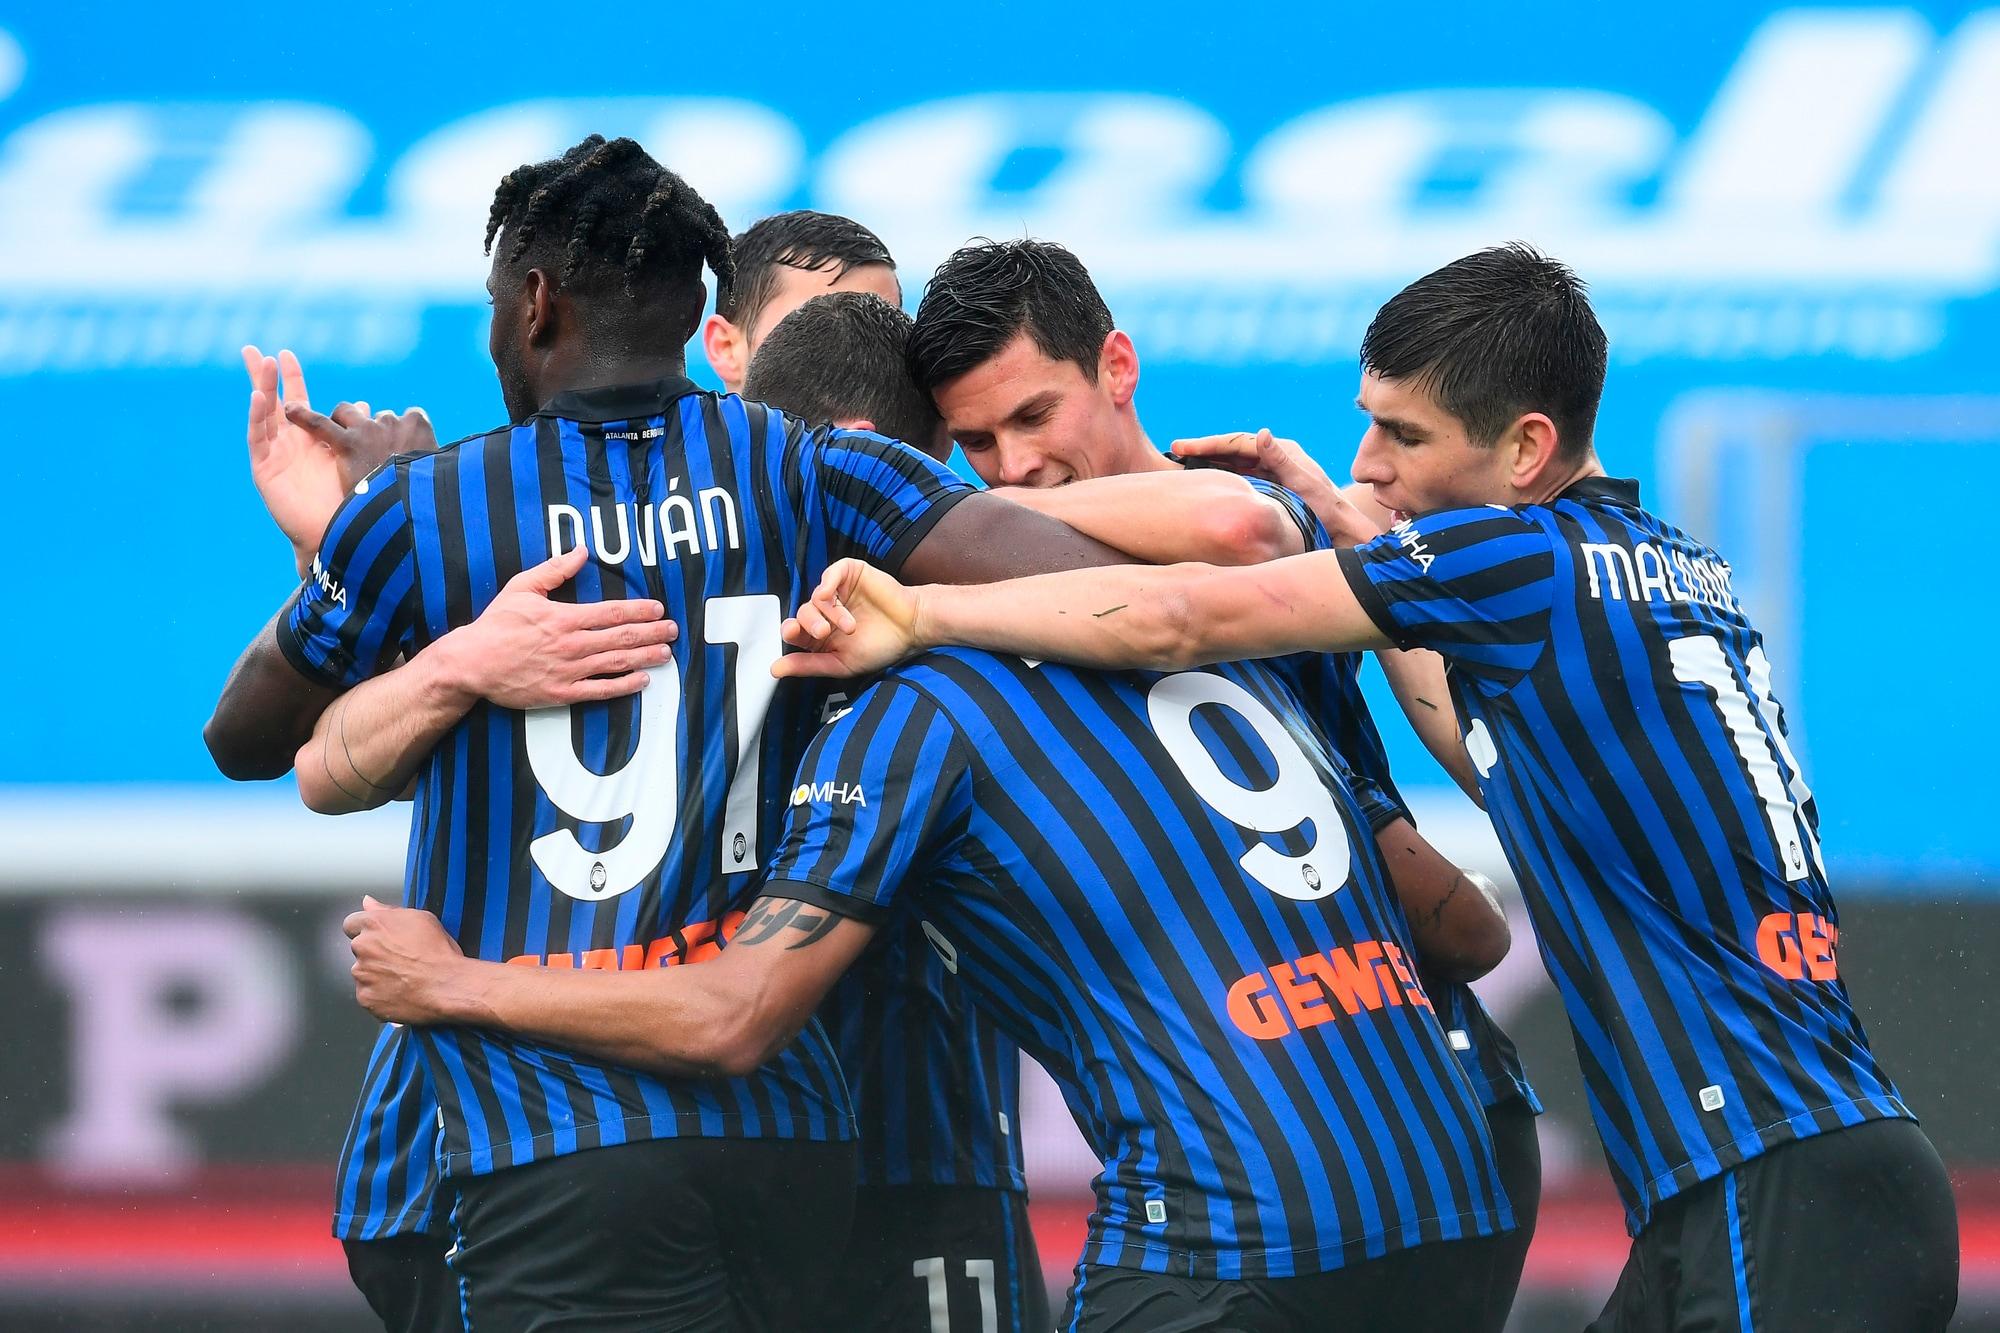 L'Atalanta abbraccia Muriel: doppietta nel 3-2 all'Udinese